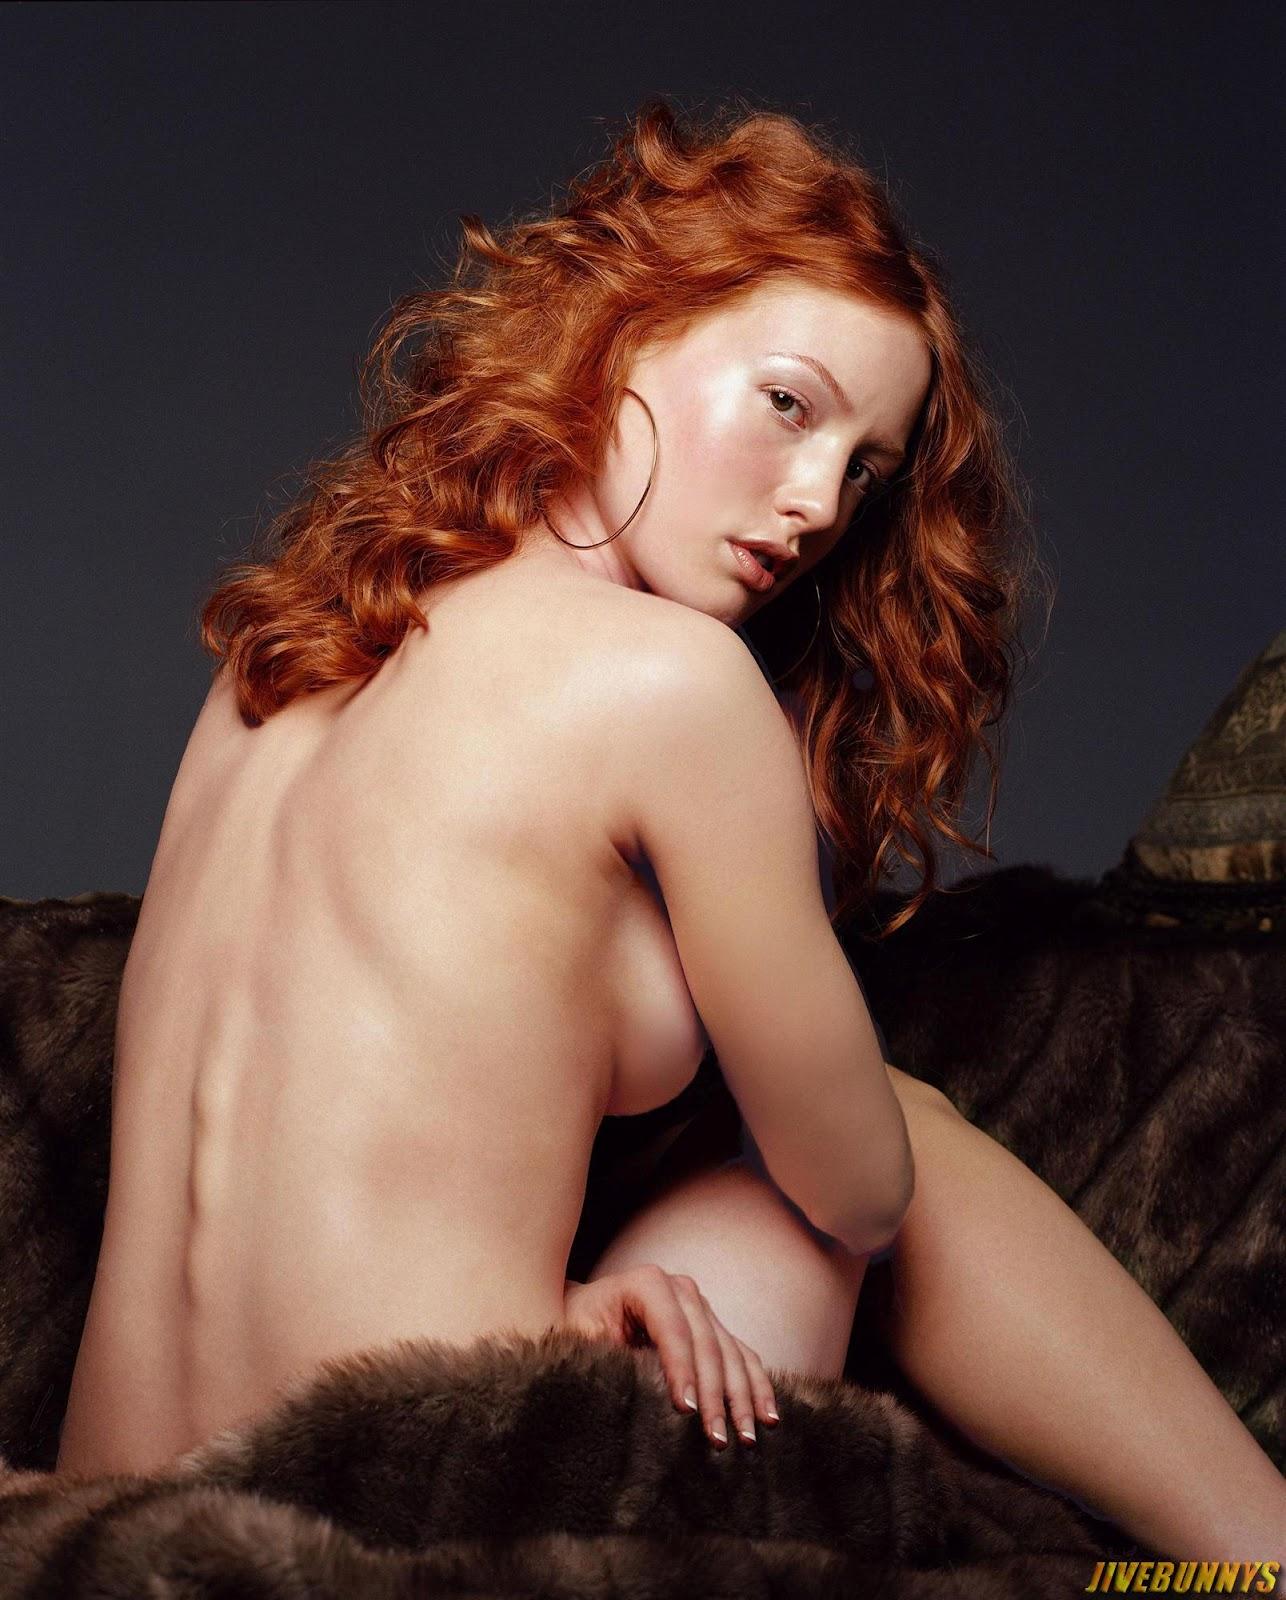 Fuck Alicia Witt nudes (18 photos), Ass, Hot, Feet, legs 2017